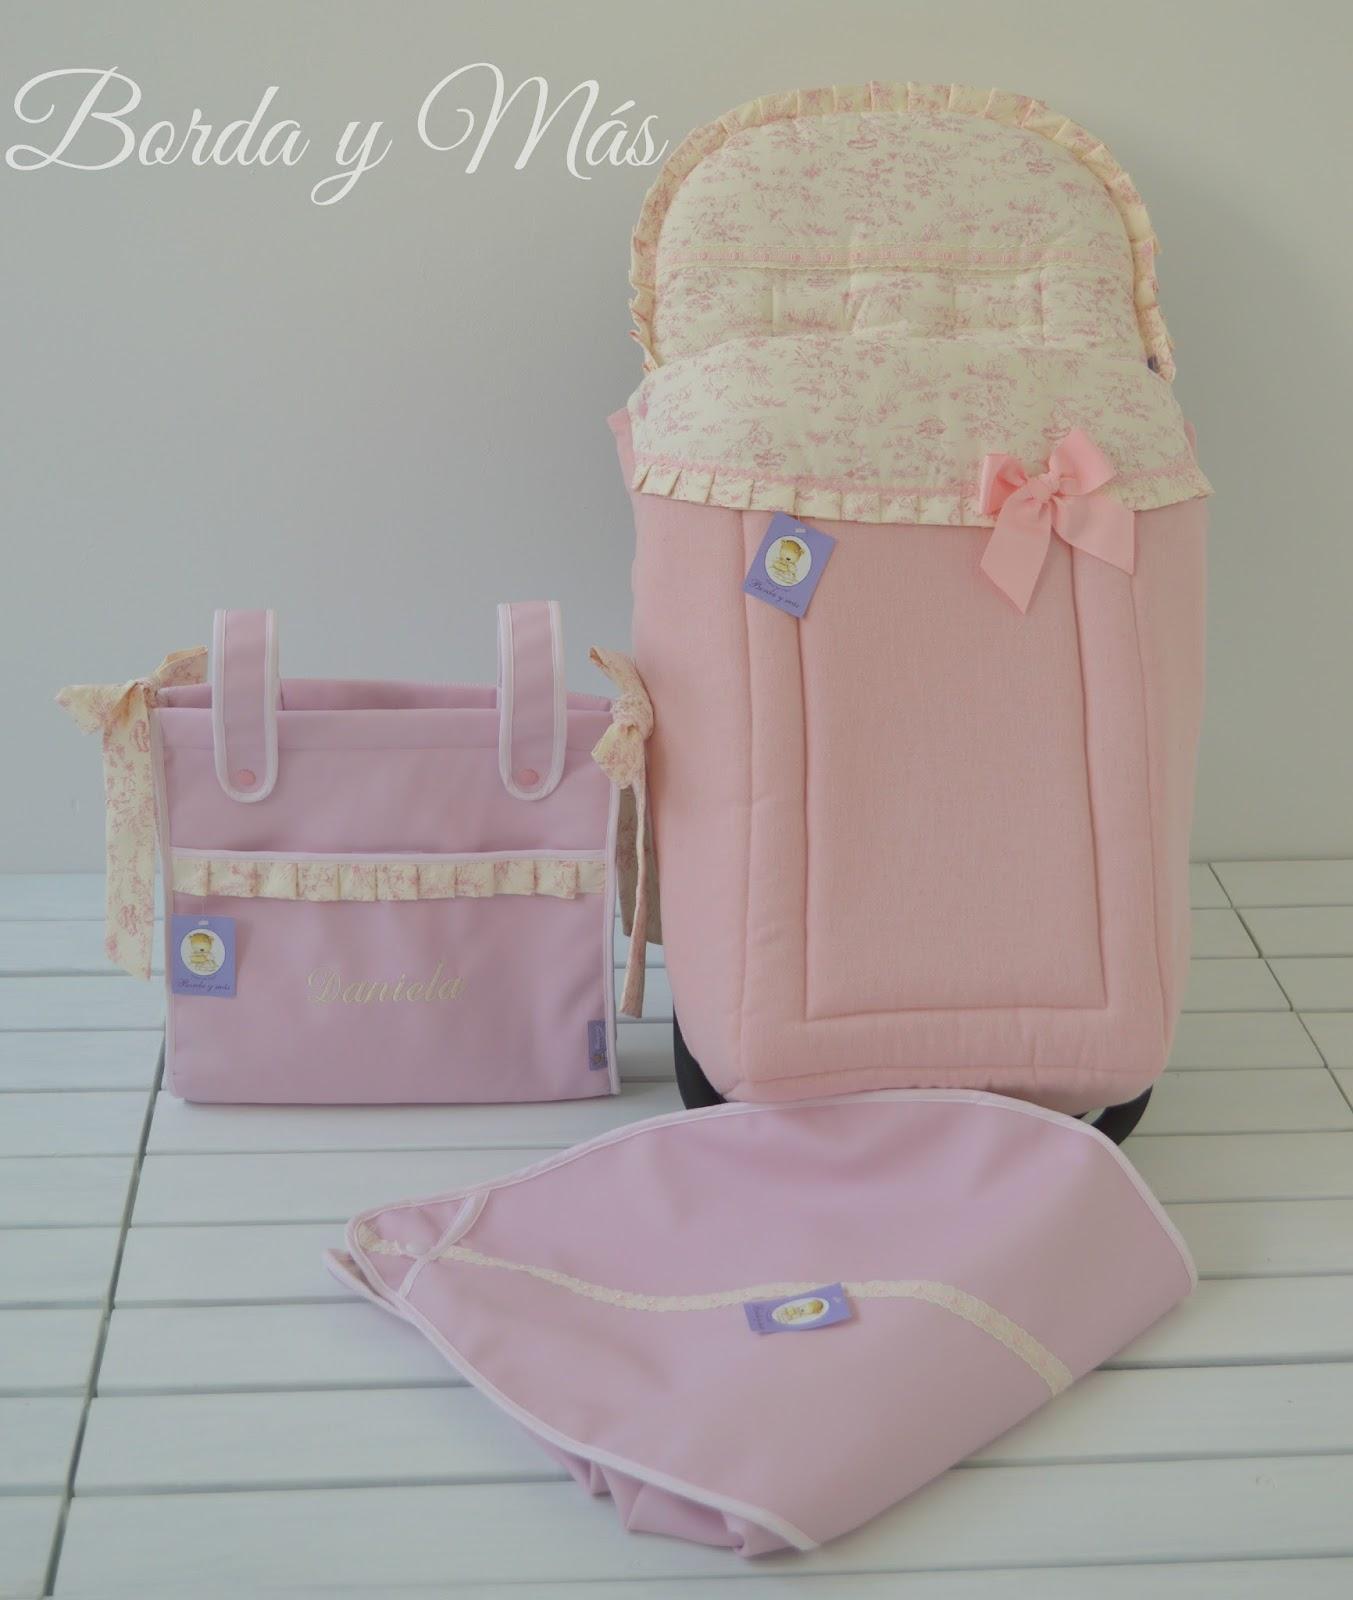 Bordaym s complementos infantiles sacos personalizados for Modelos silla maclaren